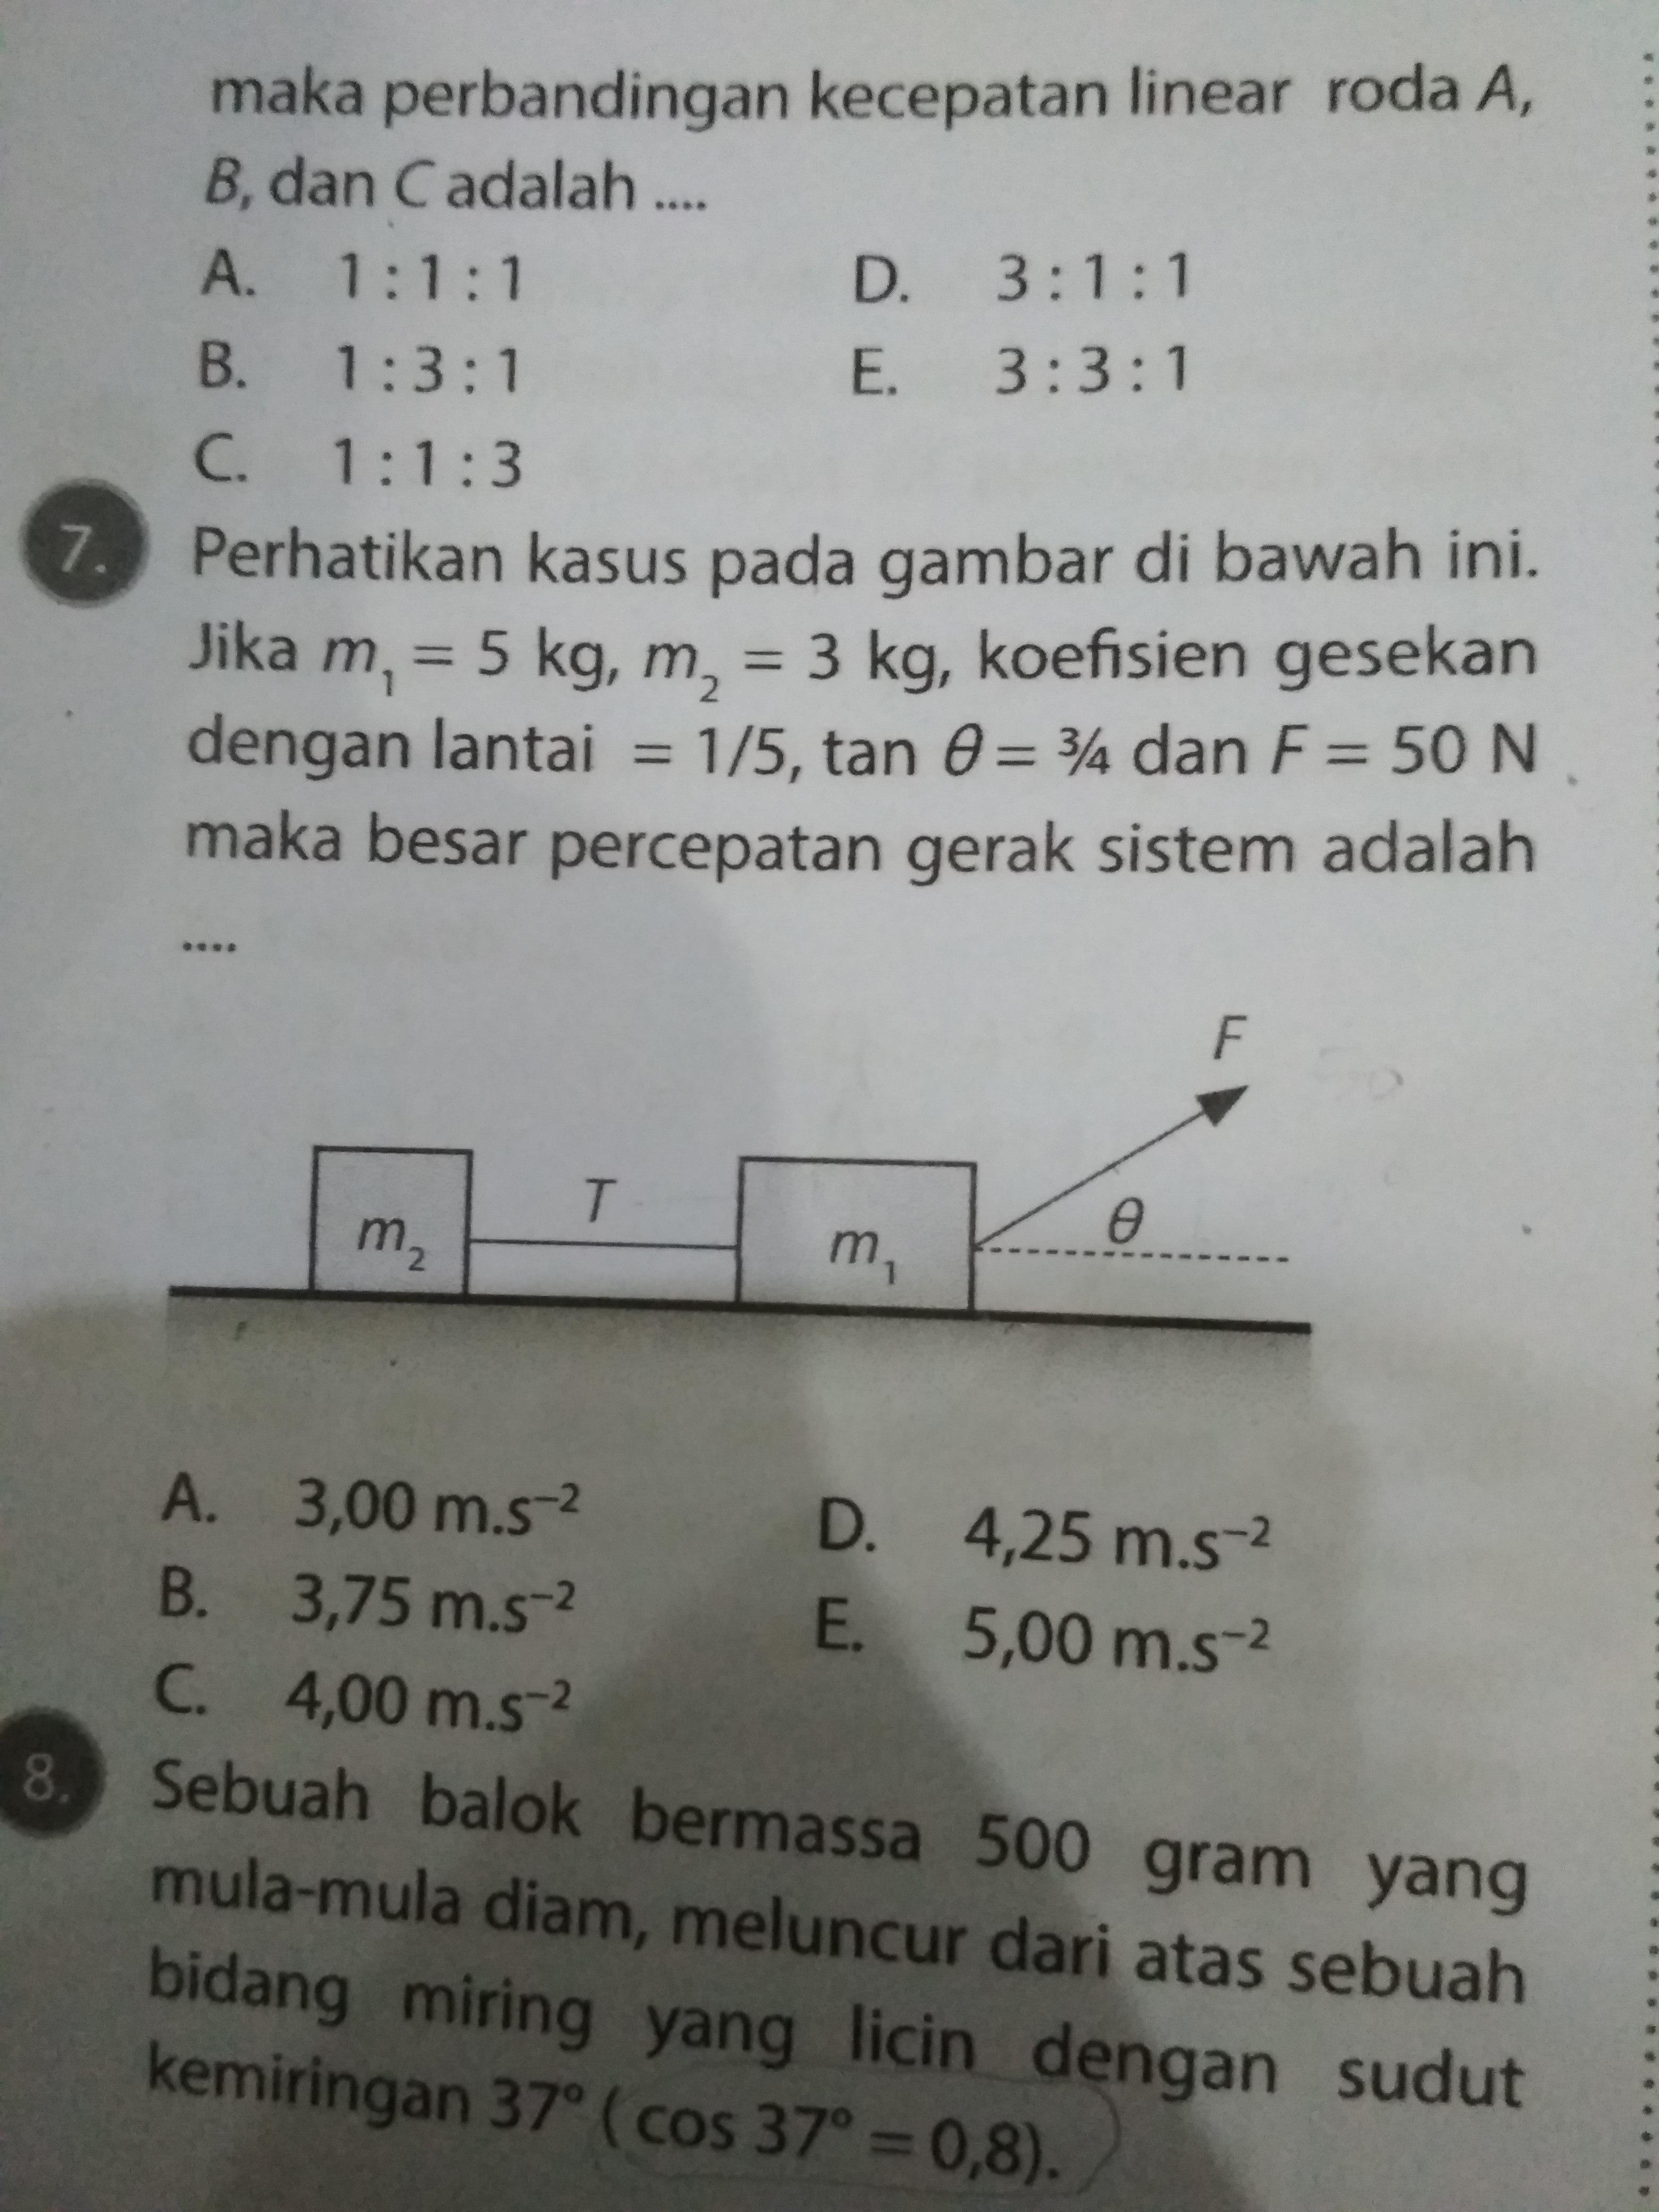 Perhatikan kasus pada gambar dibawah ini. Jika m1 = 5kg ...